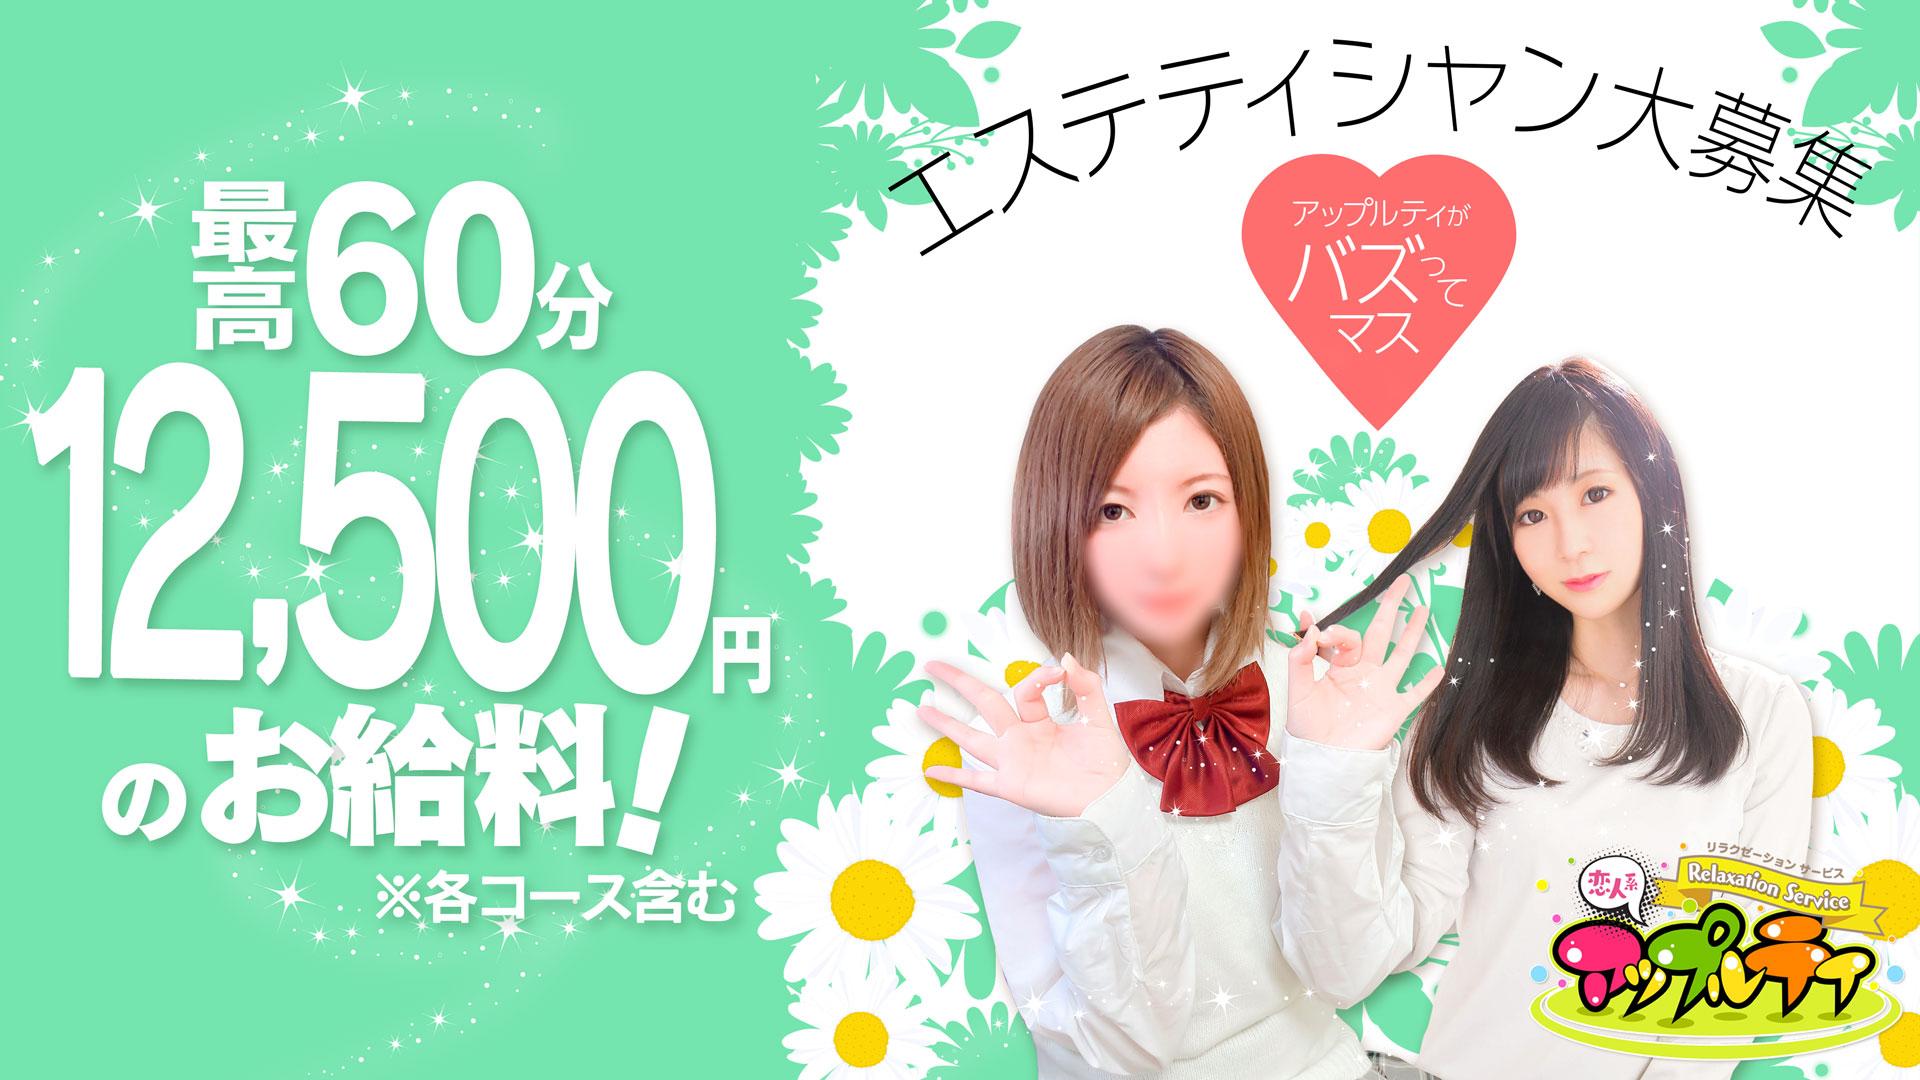 アロママッサージのお店 アップルティ北九州店の求人画像